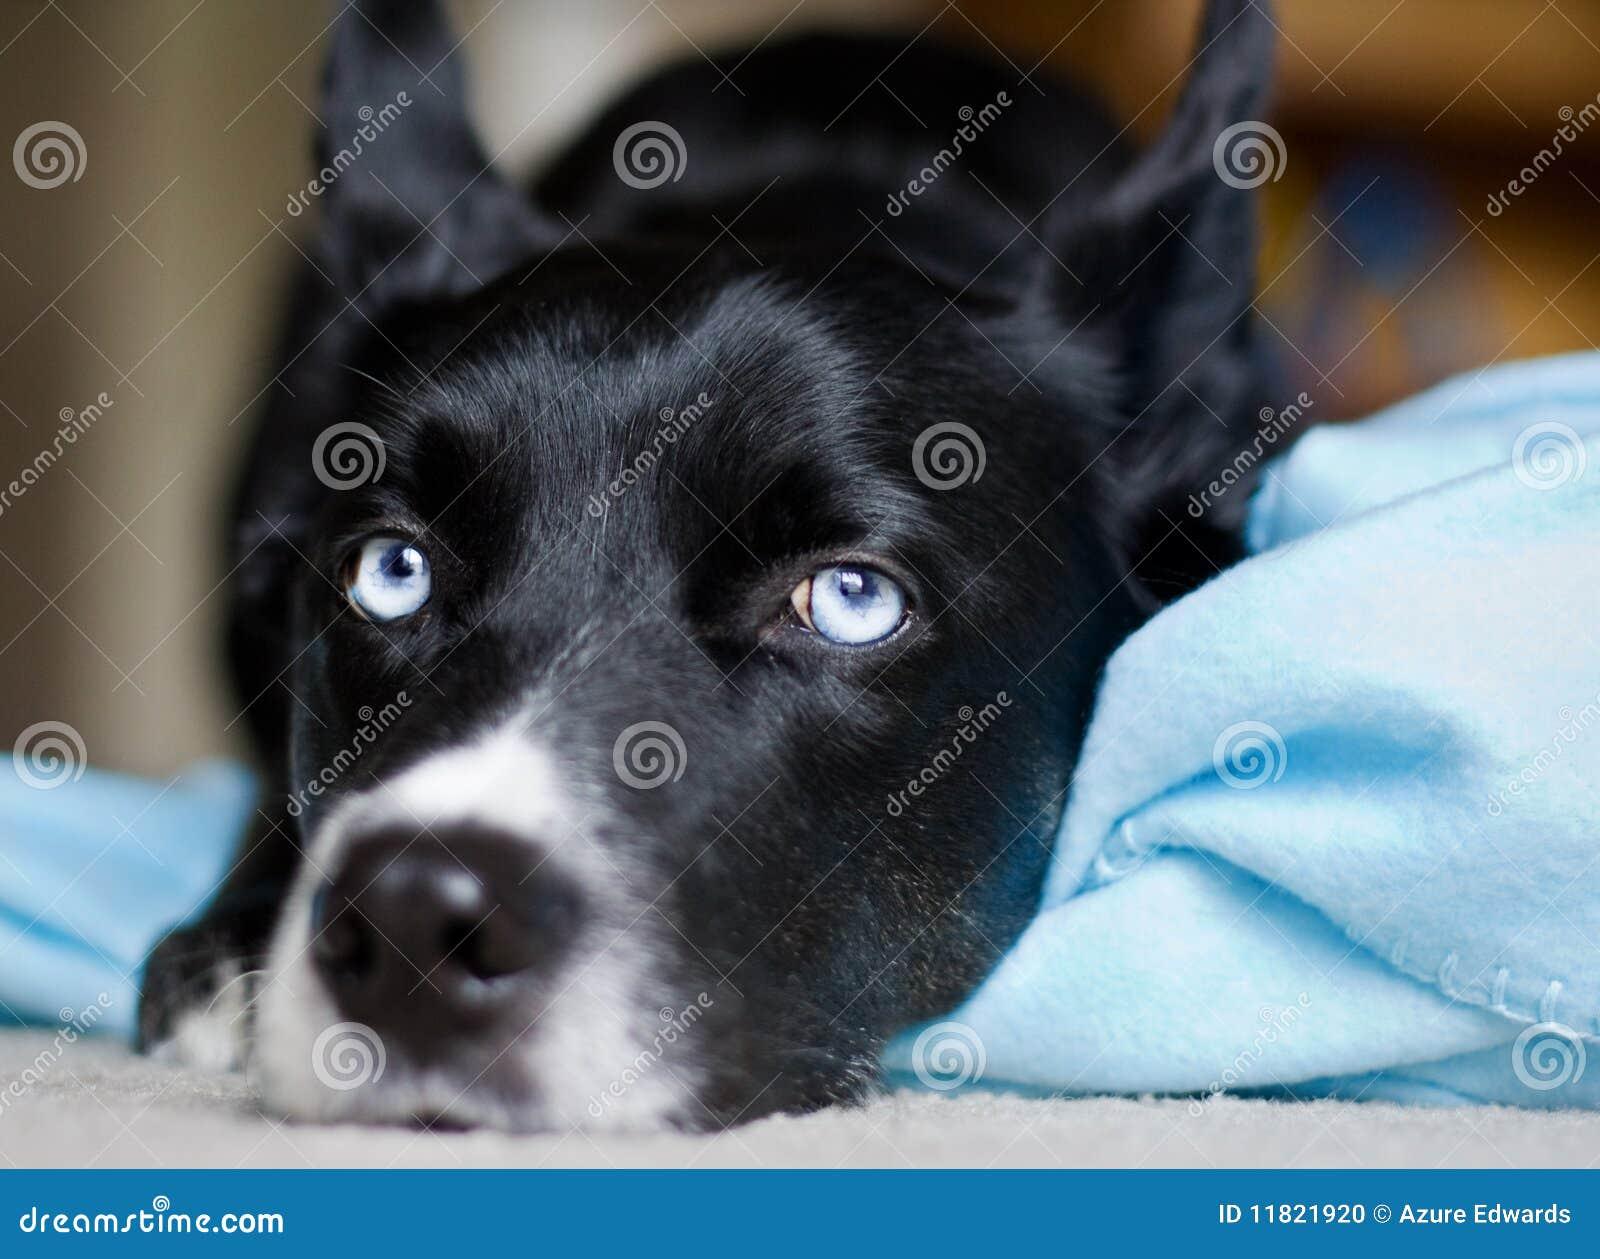 Cane nero con gli occhi azzurri fotografia stock - Cane occhi azzurri ...